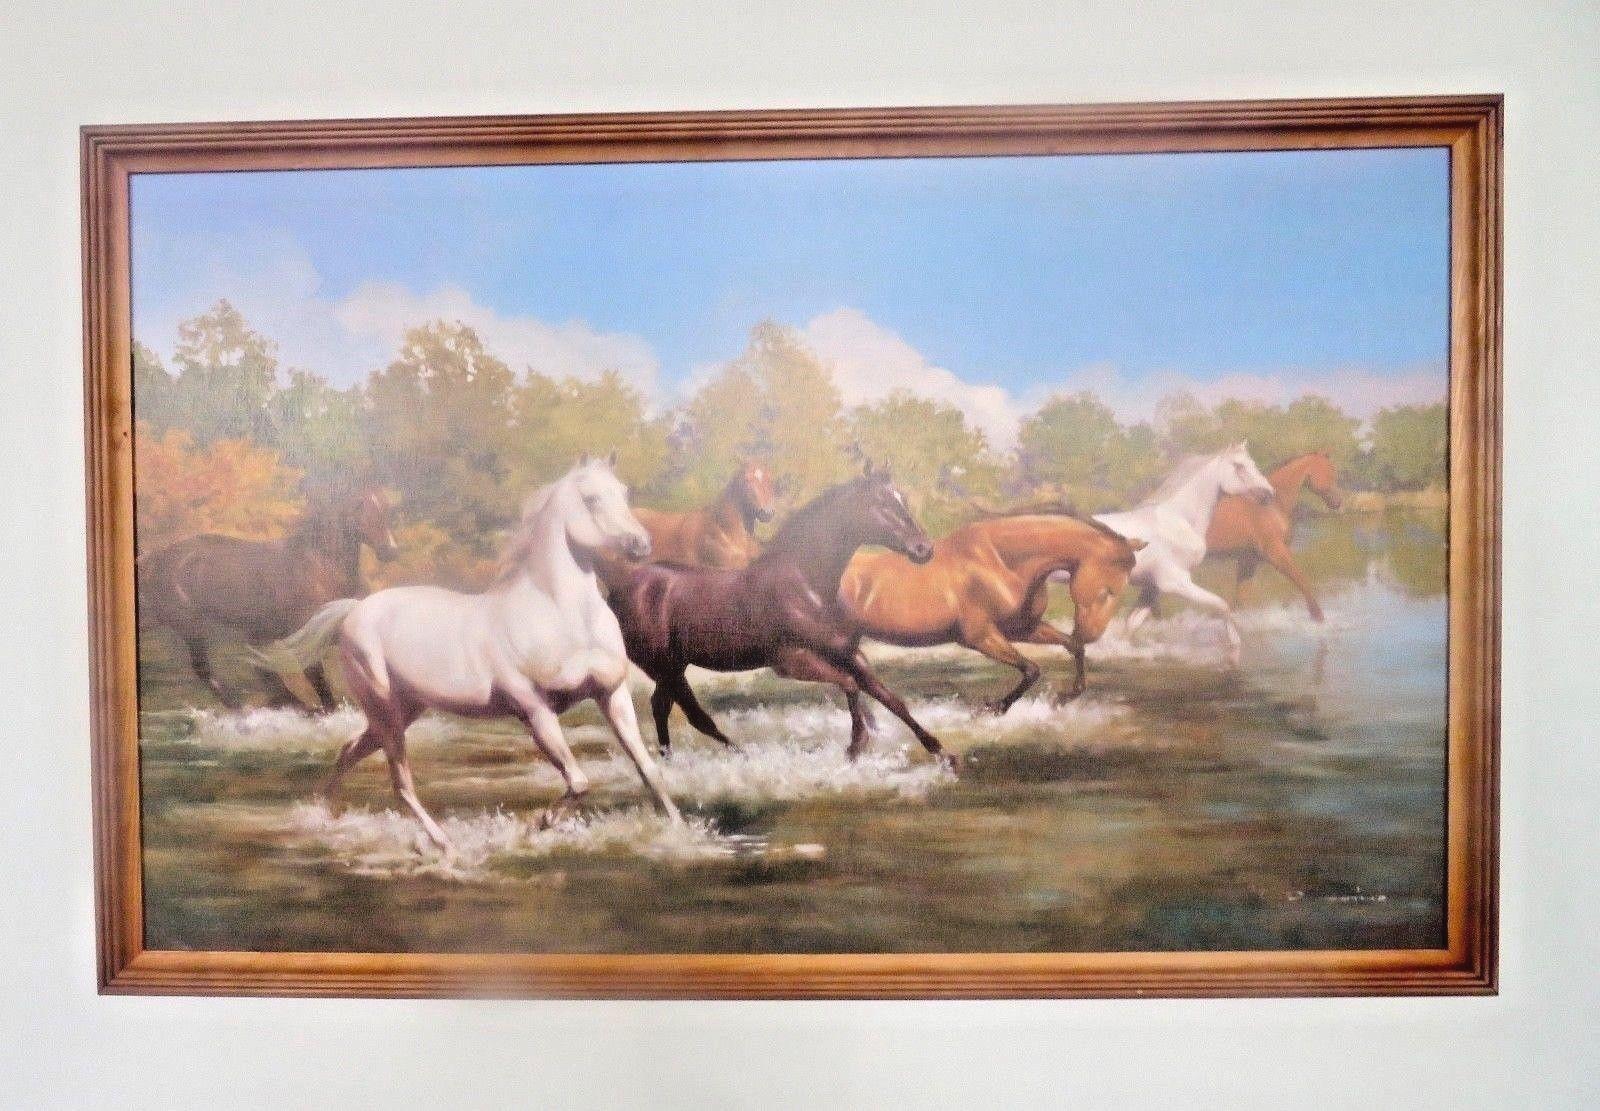 Pferde Bild gerahmte Gemälde 105x66 Kunstdruck Bild mit Holzrahmen ...